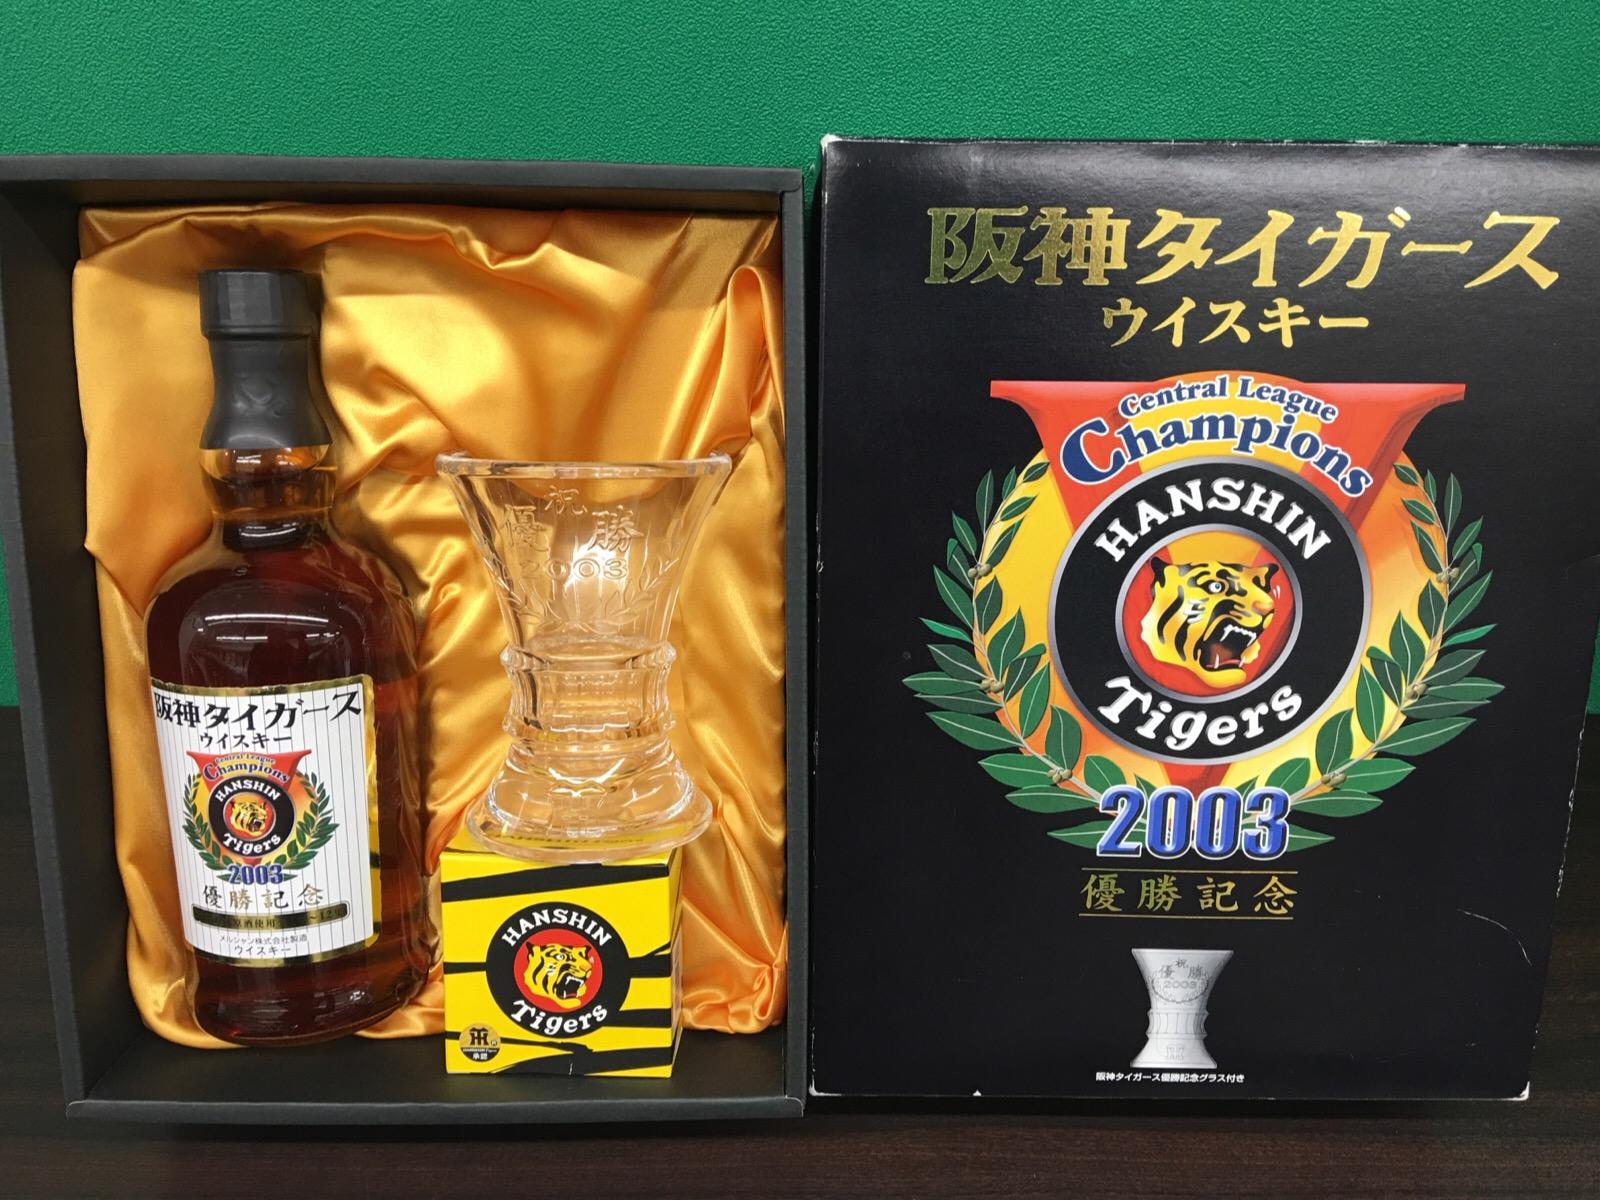 メルシャン 軽井沢 阪神タイガース 優勝記念ボトル